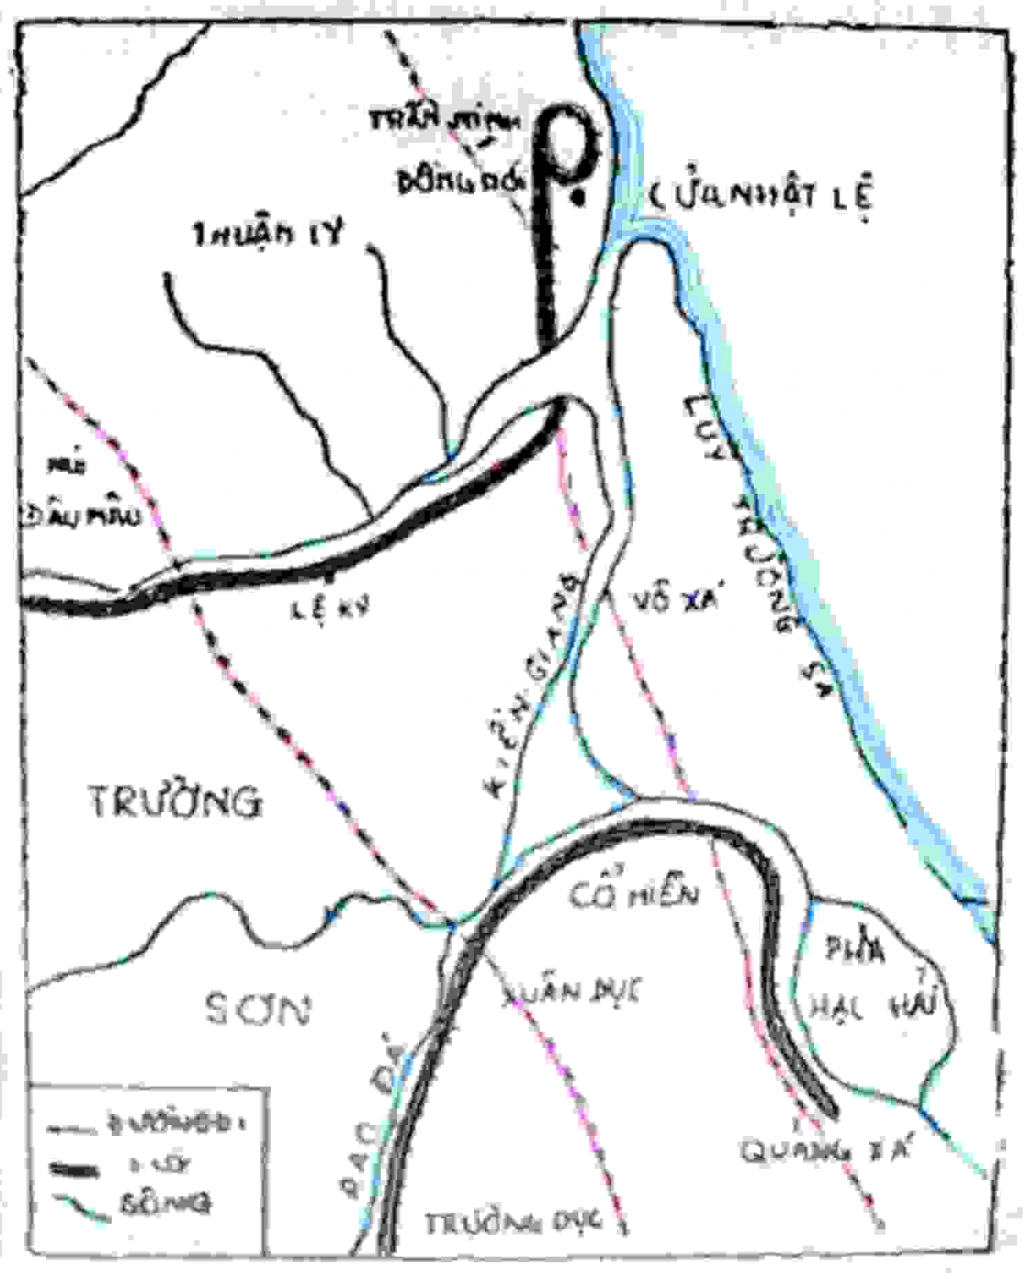 Thế trận lũy Trường Dục - đầm lầy Võ Xá - Dinh Mười nỗi kinh hoàng của quân Trịnh